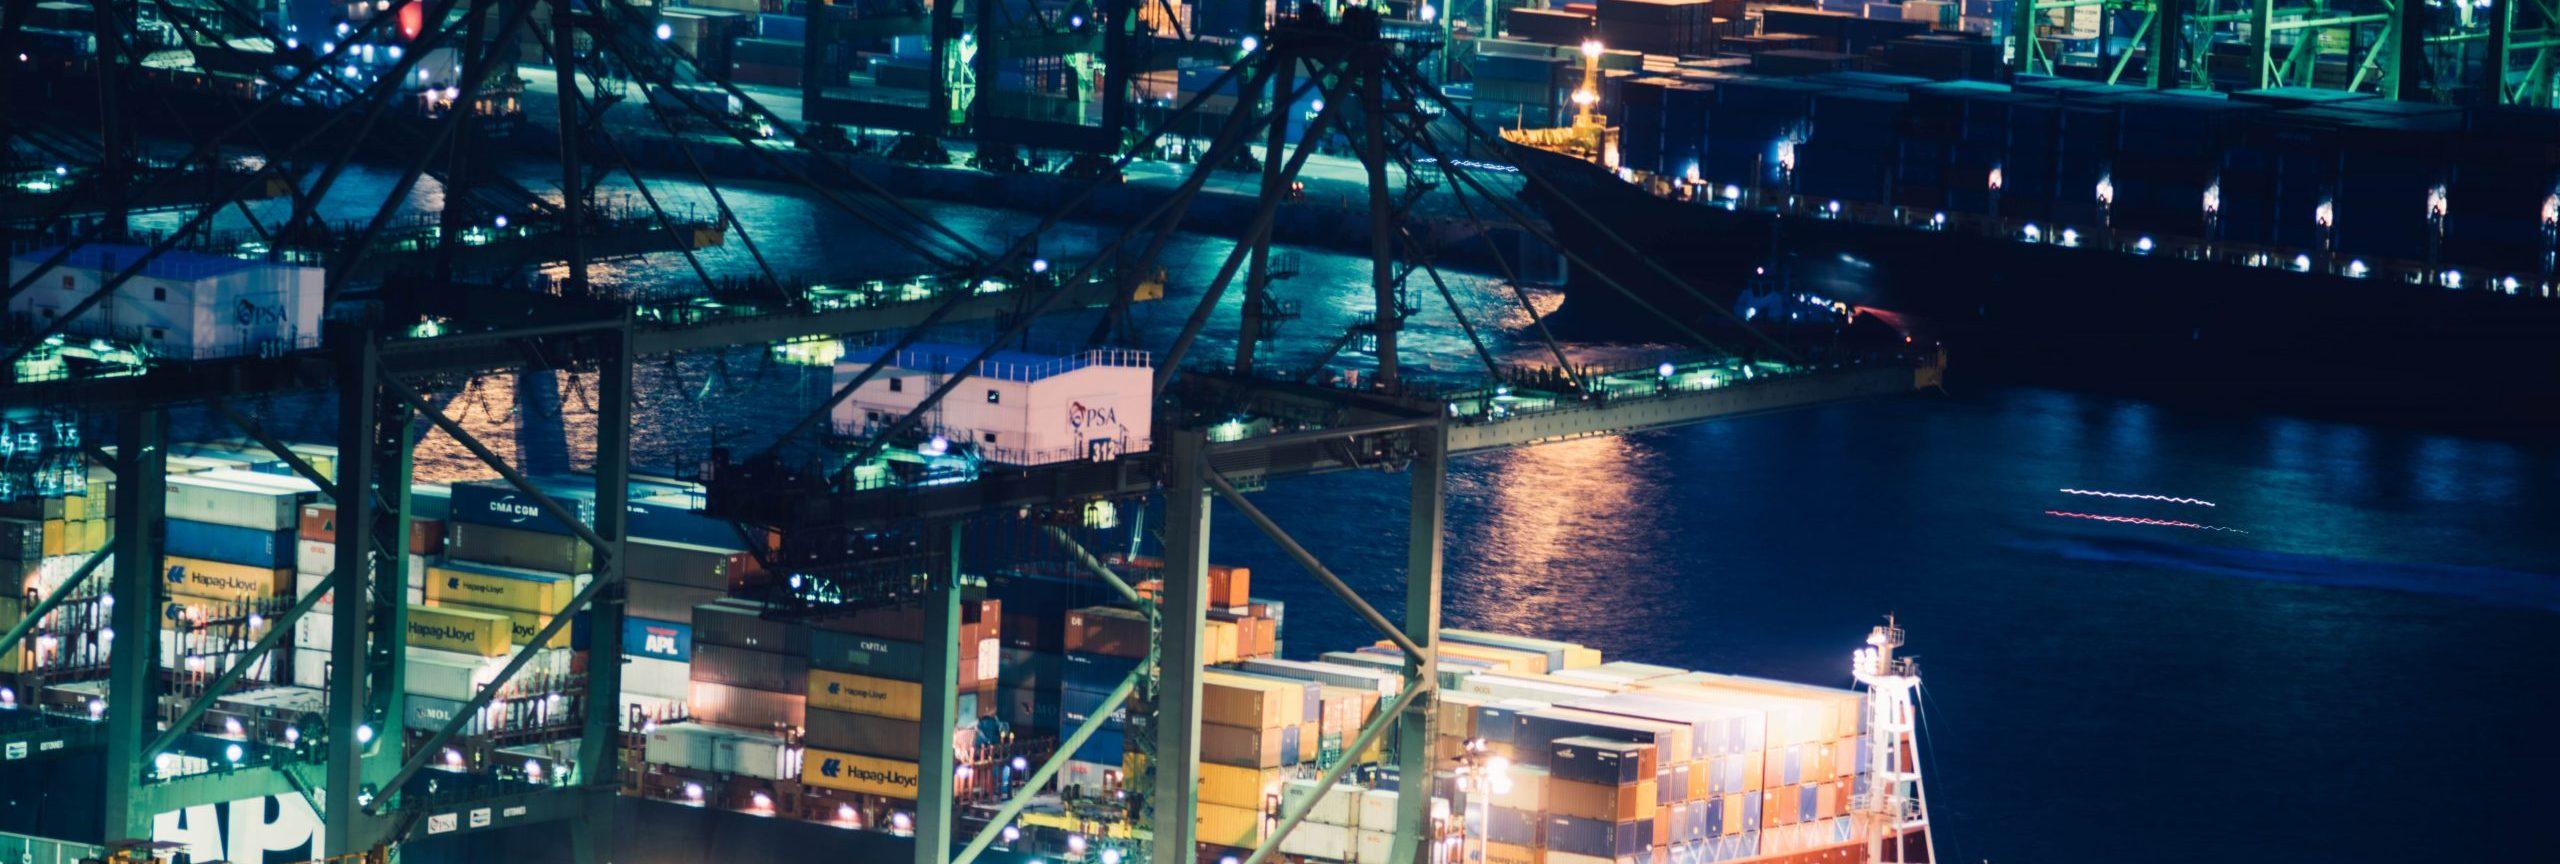 Ports 4.0: La cuarta revolución industrial náutica